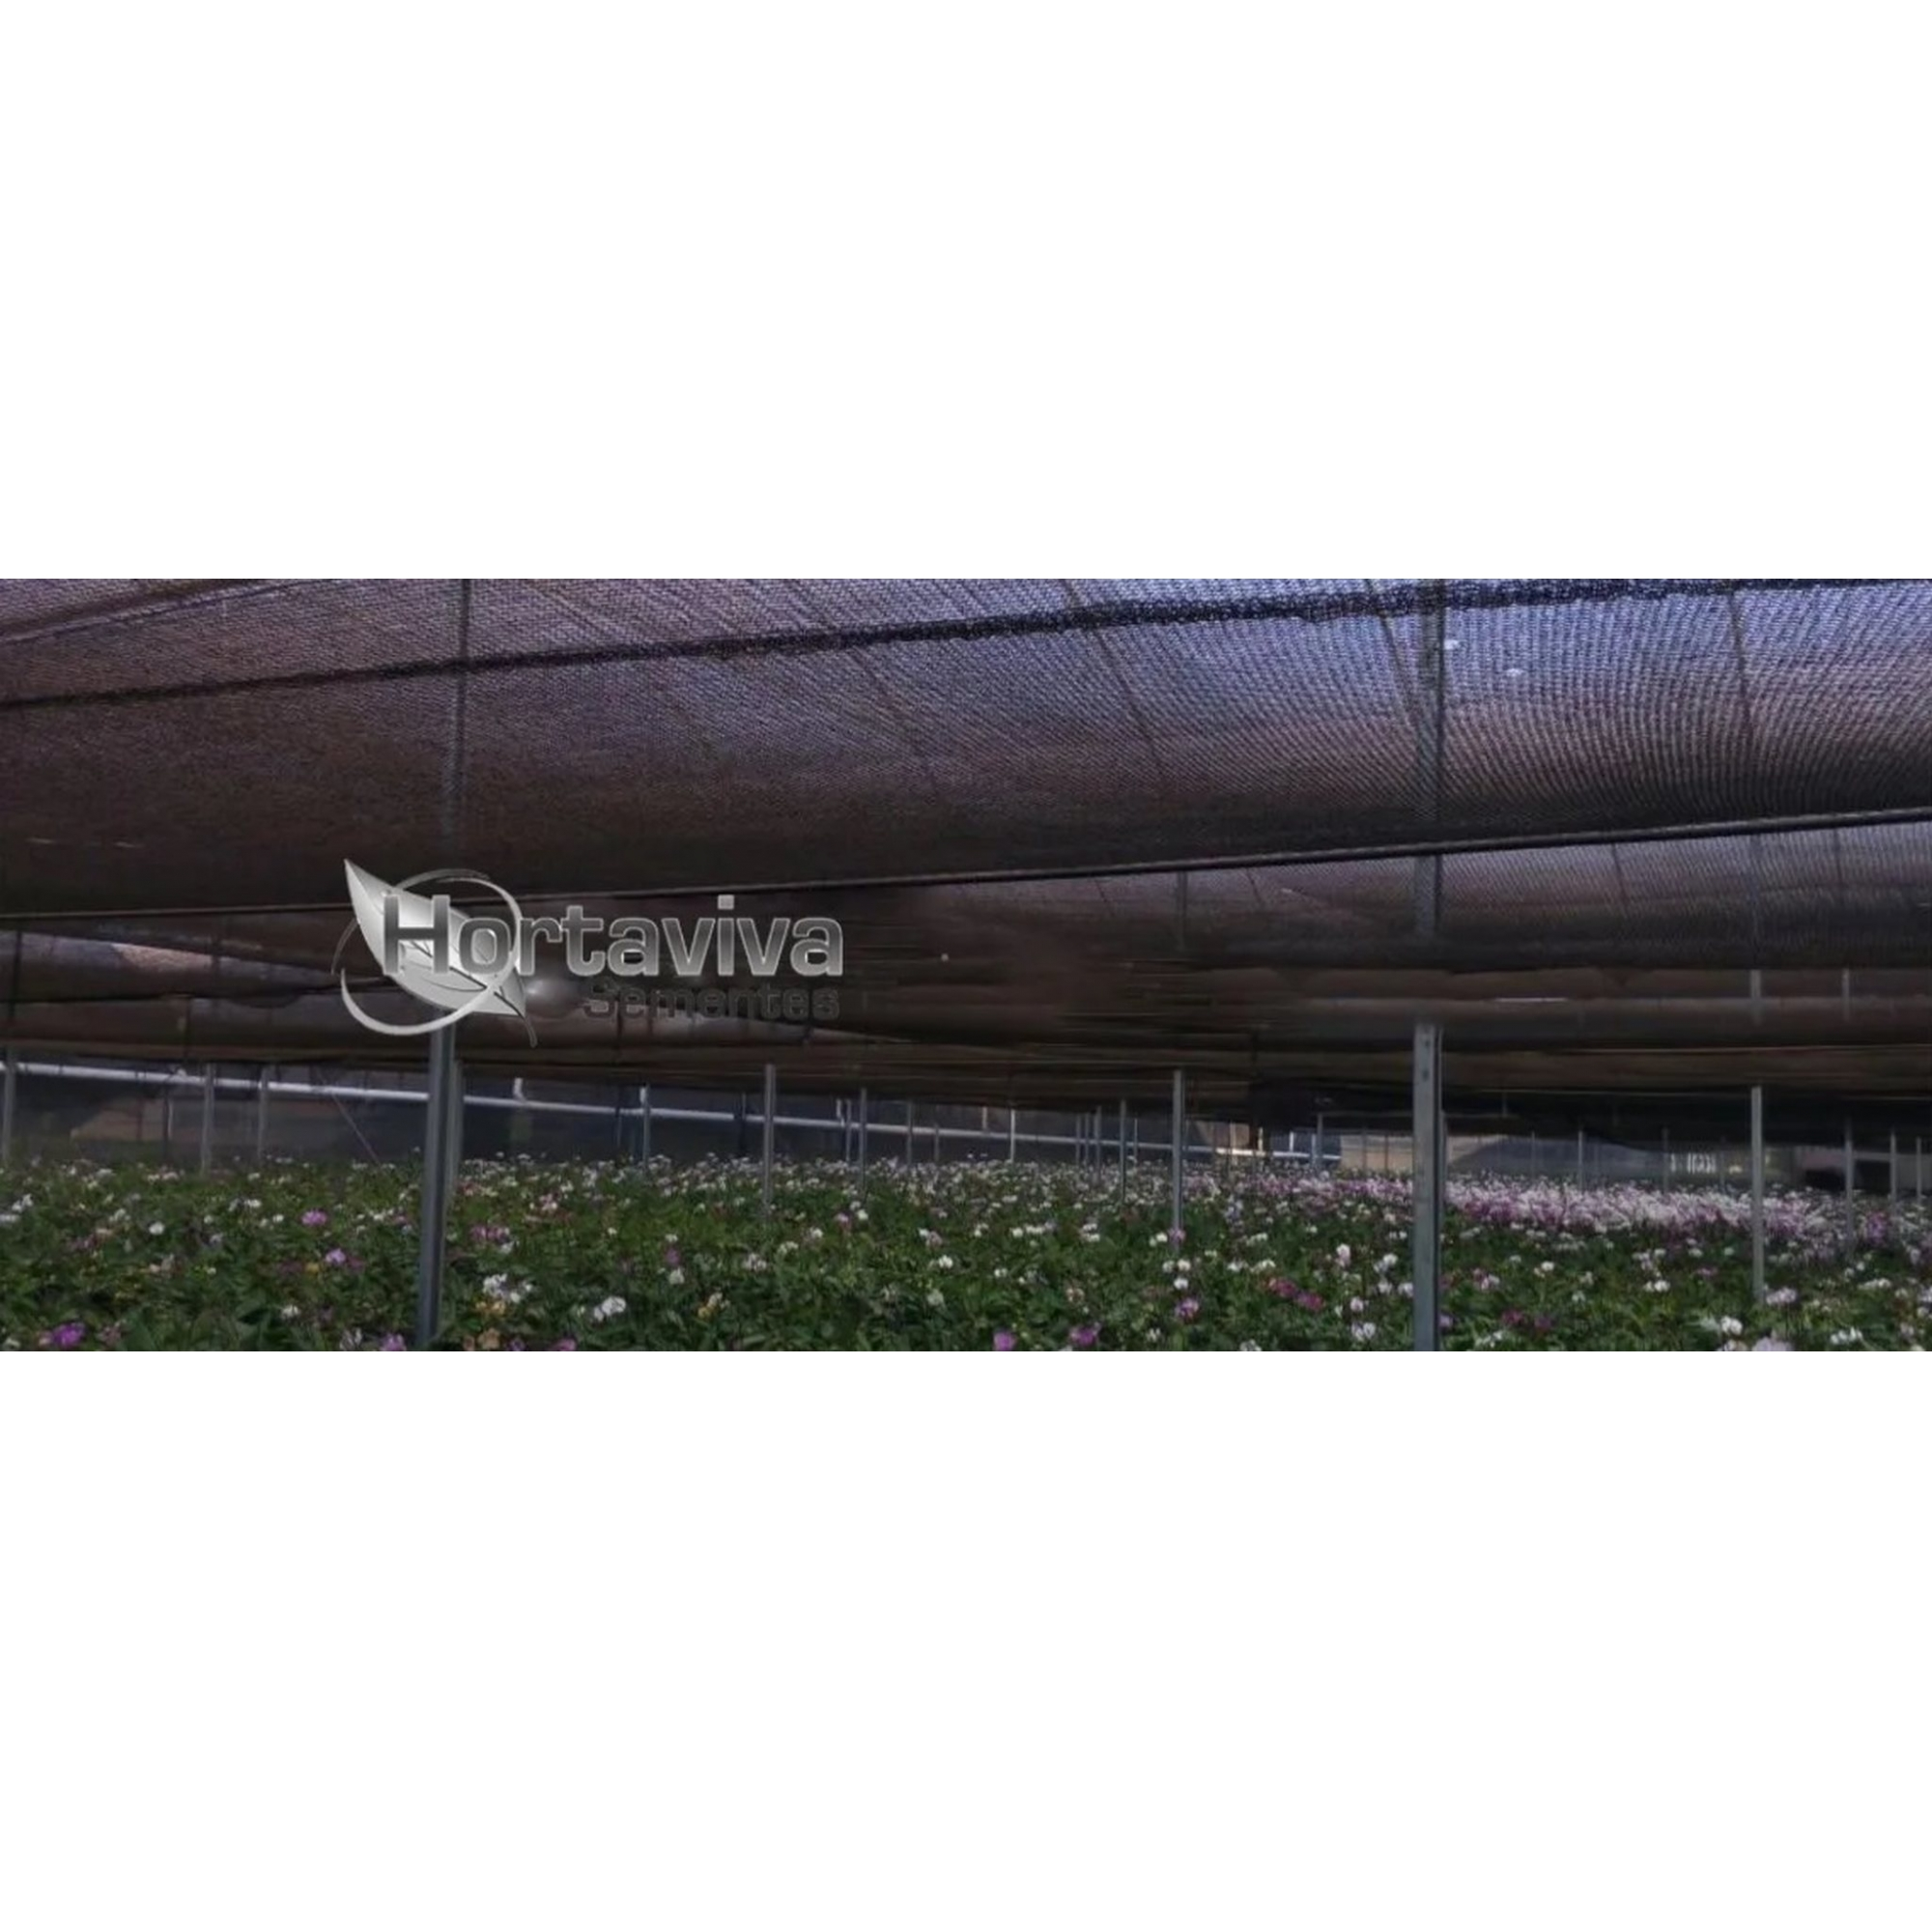 Tela de Sombreamento Preta 50% - 1,5 Metros x 10 Metros